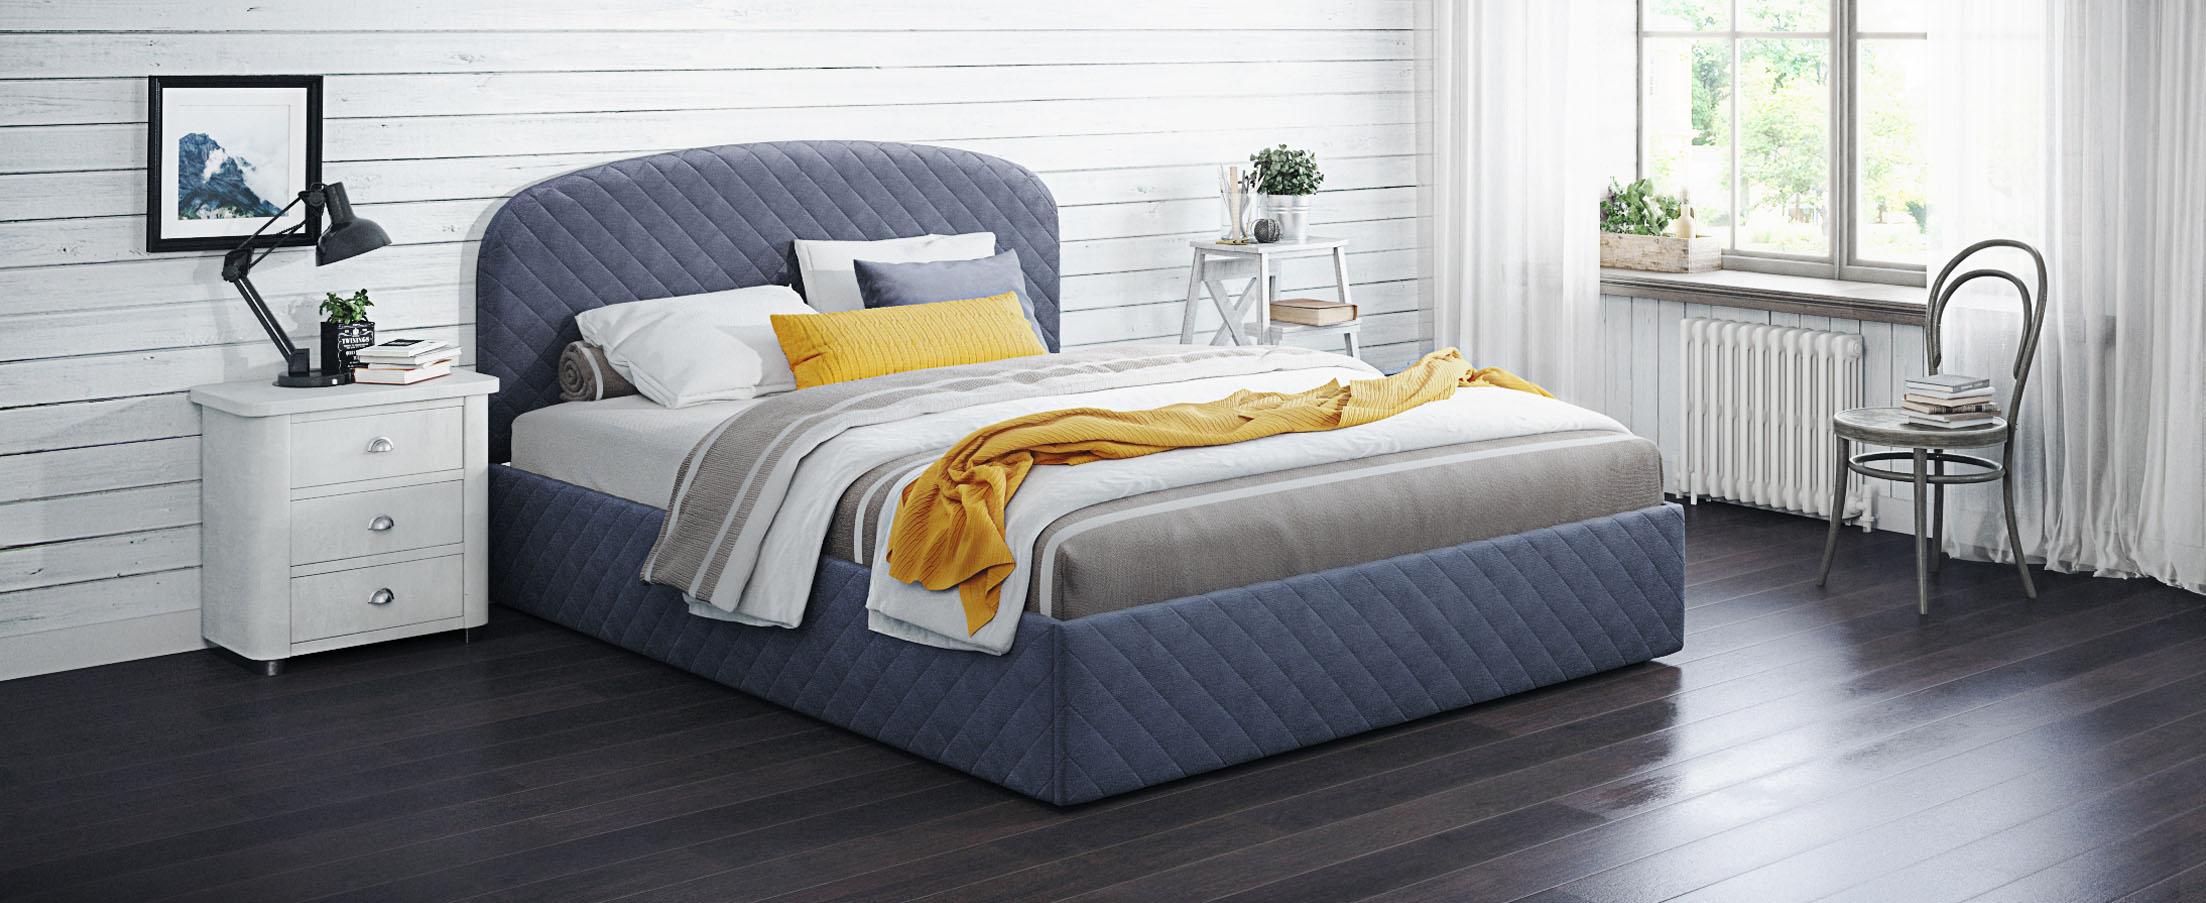 Кровать двуспальная Аллегра 160х200 Модель 1204Благодаря лаконичным формам она может стать как центральным предметом просторного помещения, также будет гармонично смотреться в небольшой спальной комнате.<br><br>Ширина см: 169<br>Глубина см: 210<br>Высота см: 105<br>Ширина спального места см: 160<br>Длина спального места см: 200<br>Подъемный механизм: Есть<br>Материал каркаса: ЛДСП<br>Материал обивки: Велюр<br>Цвет: Синий<br>Код ткани: 65-31<br>Бренд: MOON-TRADE